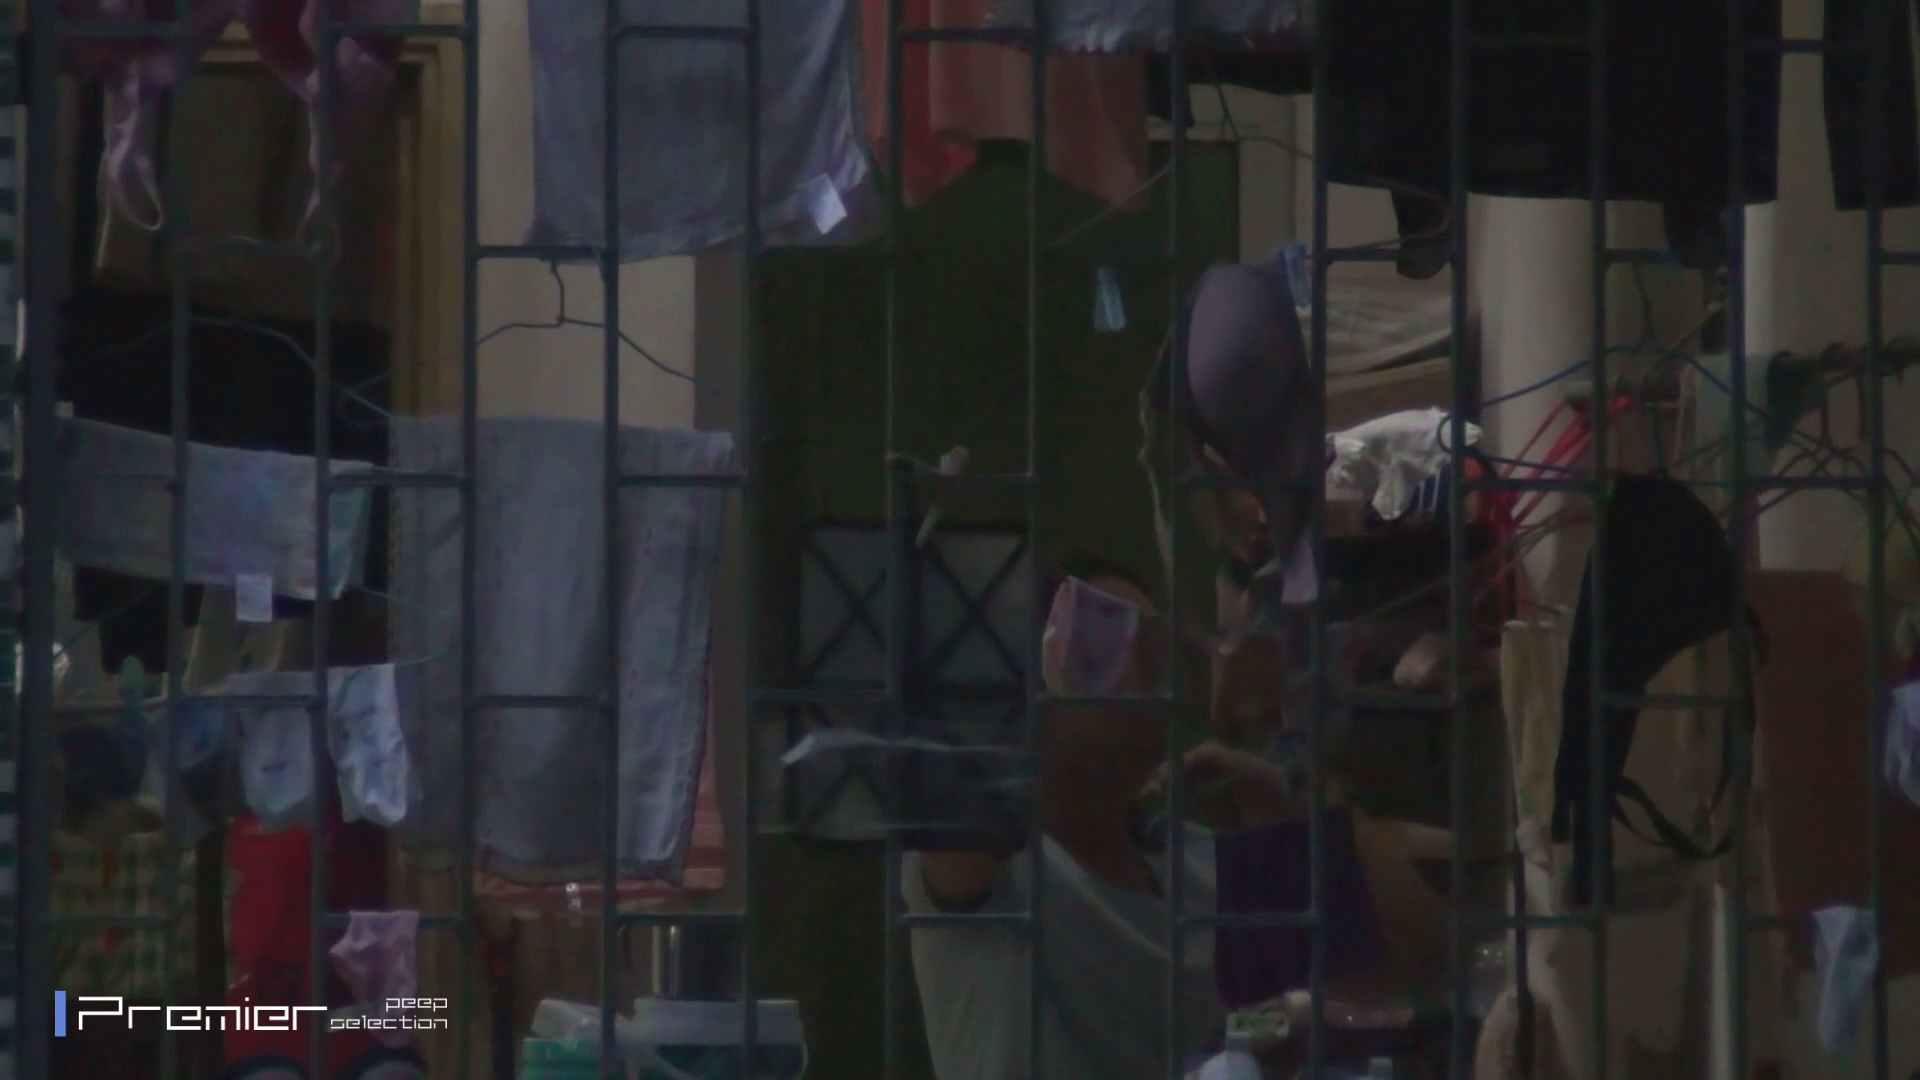 激撮り美女の洗顔シーン Vol.05 美女の痴態に密着! 潜入 盗撮アダルト動画キャプチャ 46連発 46